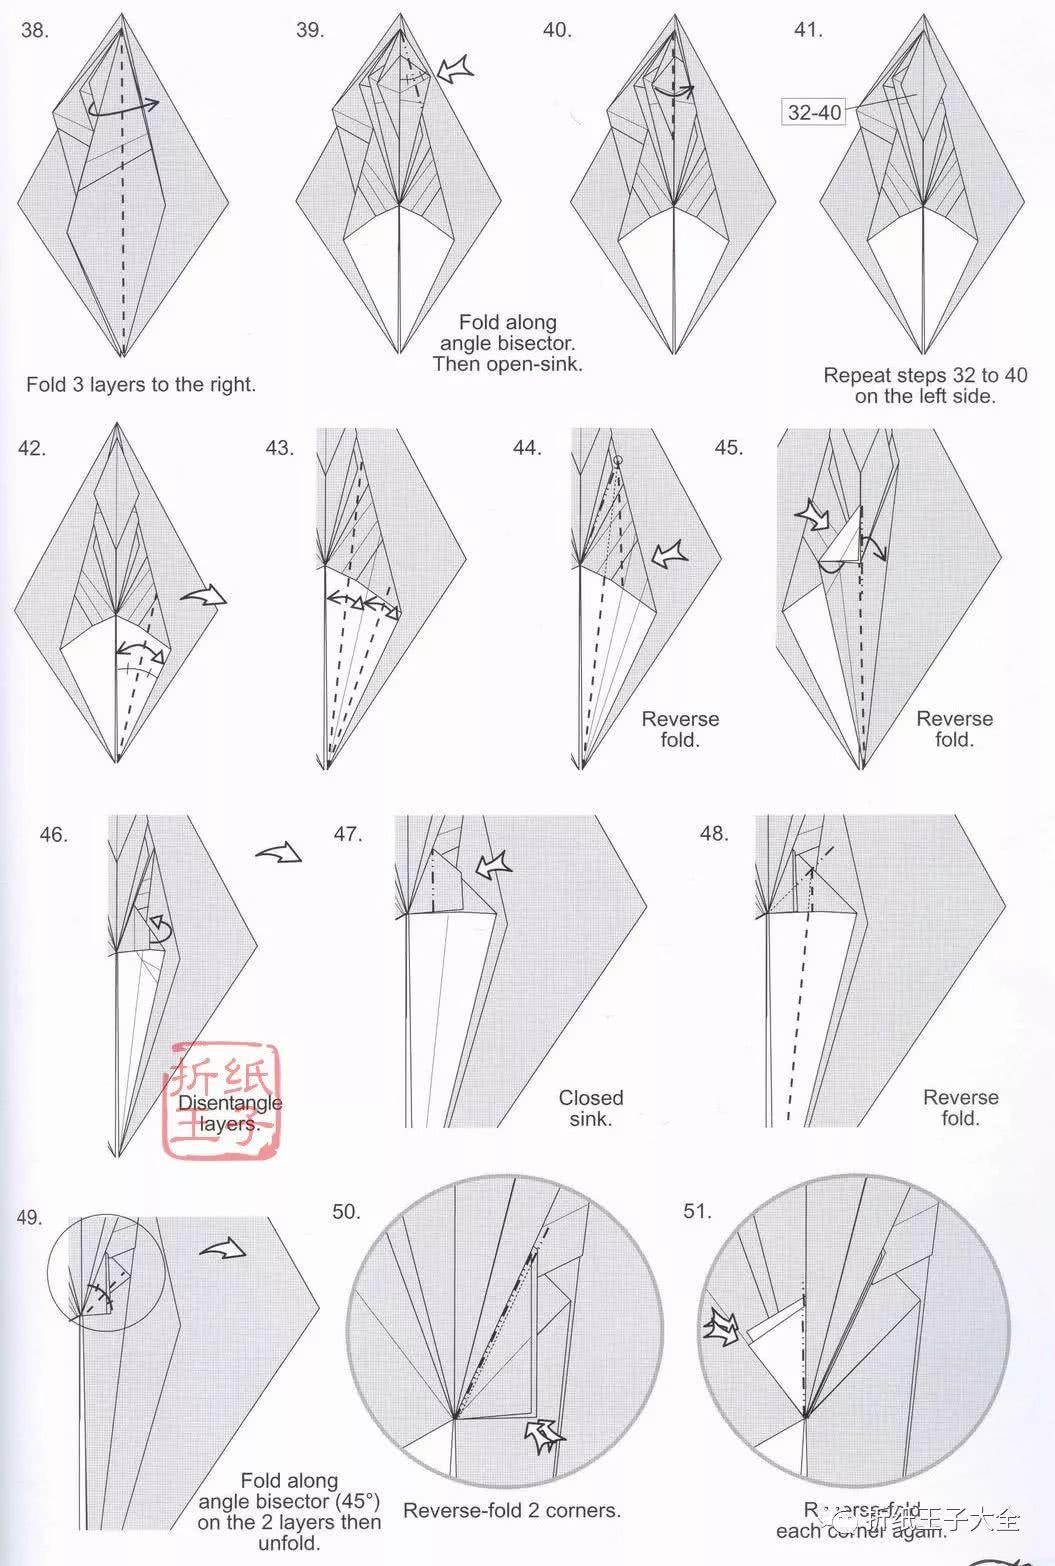 罗伯特朗无齿翼龙折纸图解教程,形象逼真,猜猜多少步